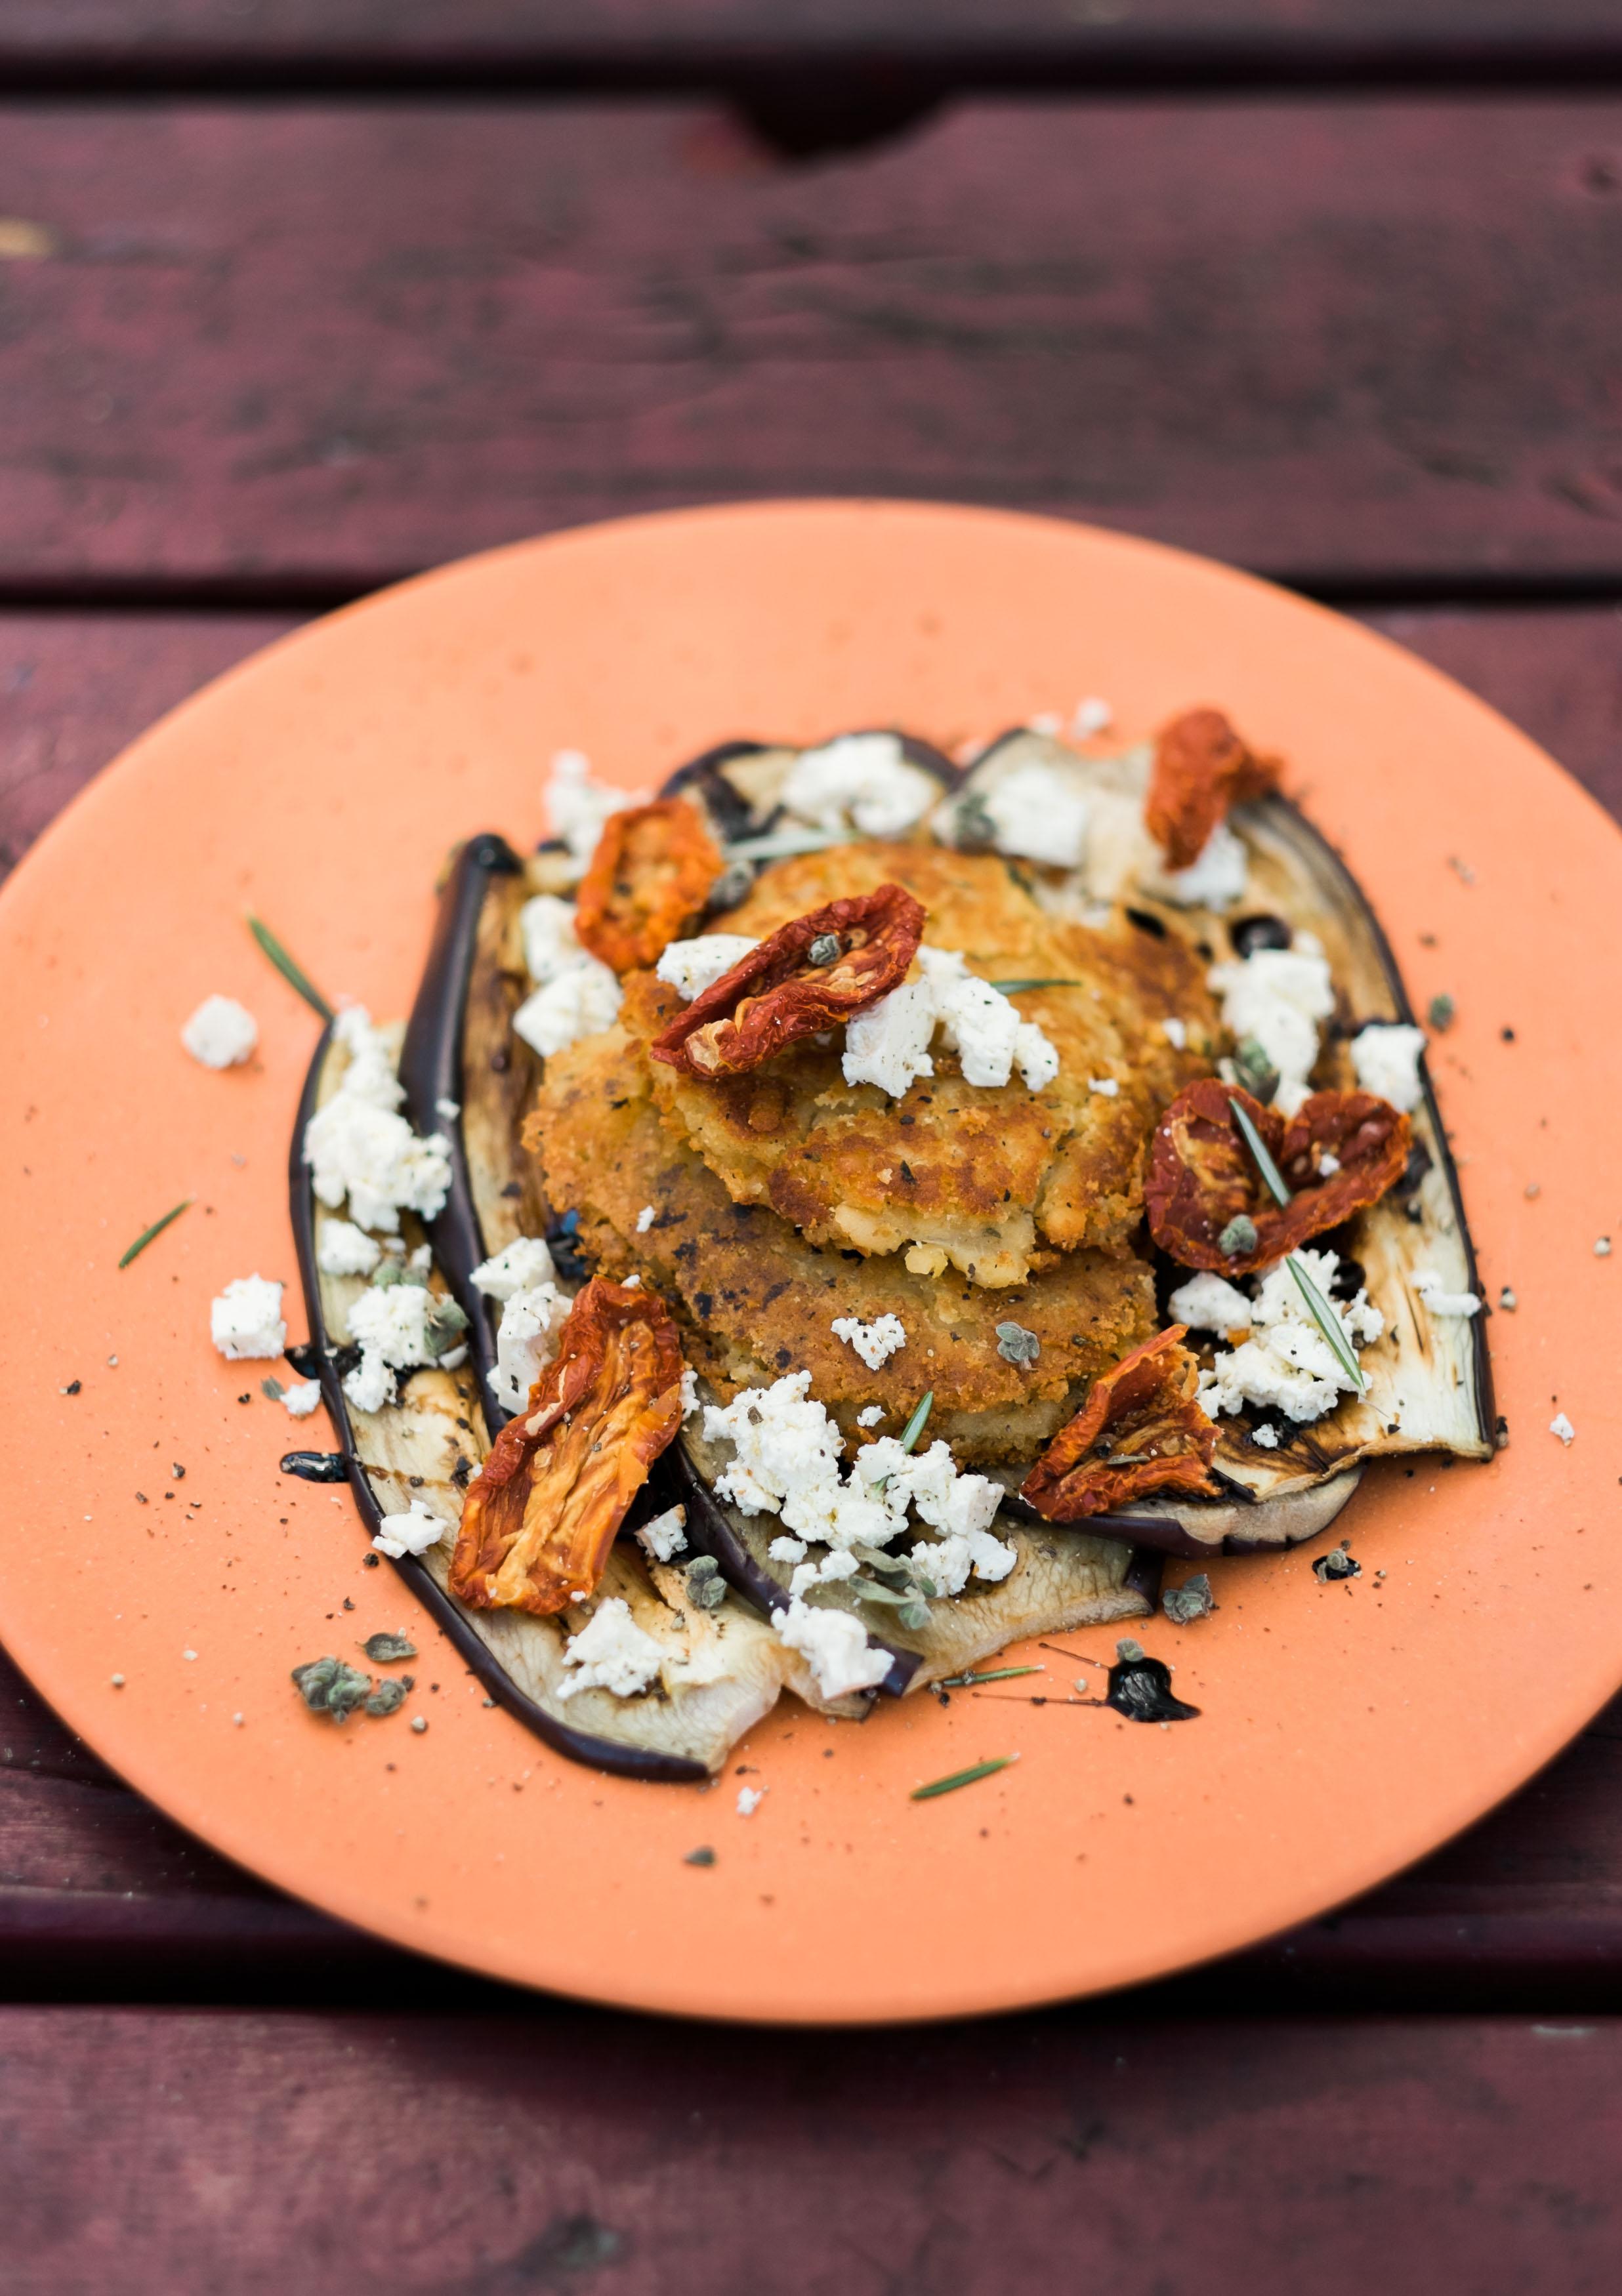 Linsenpuffer mit Auberginen und Feta-Käse2.jpg